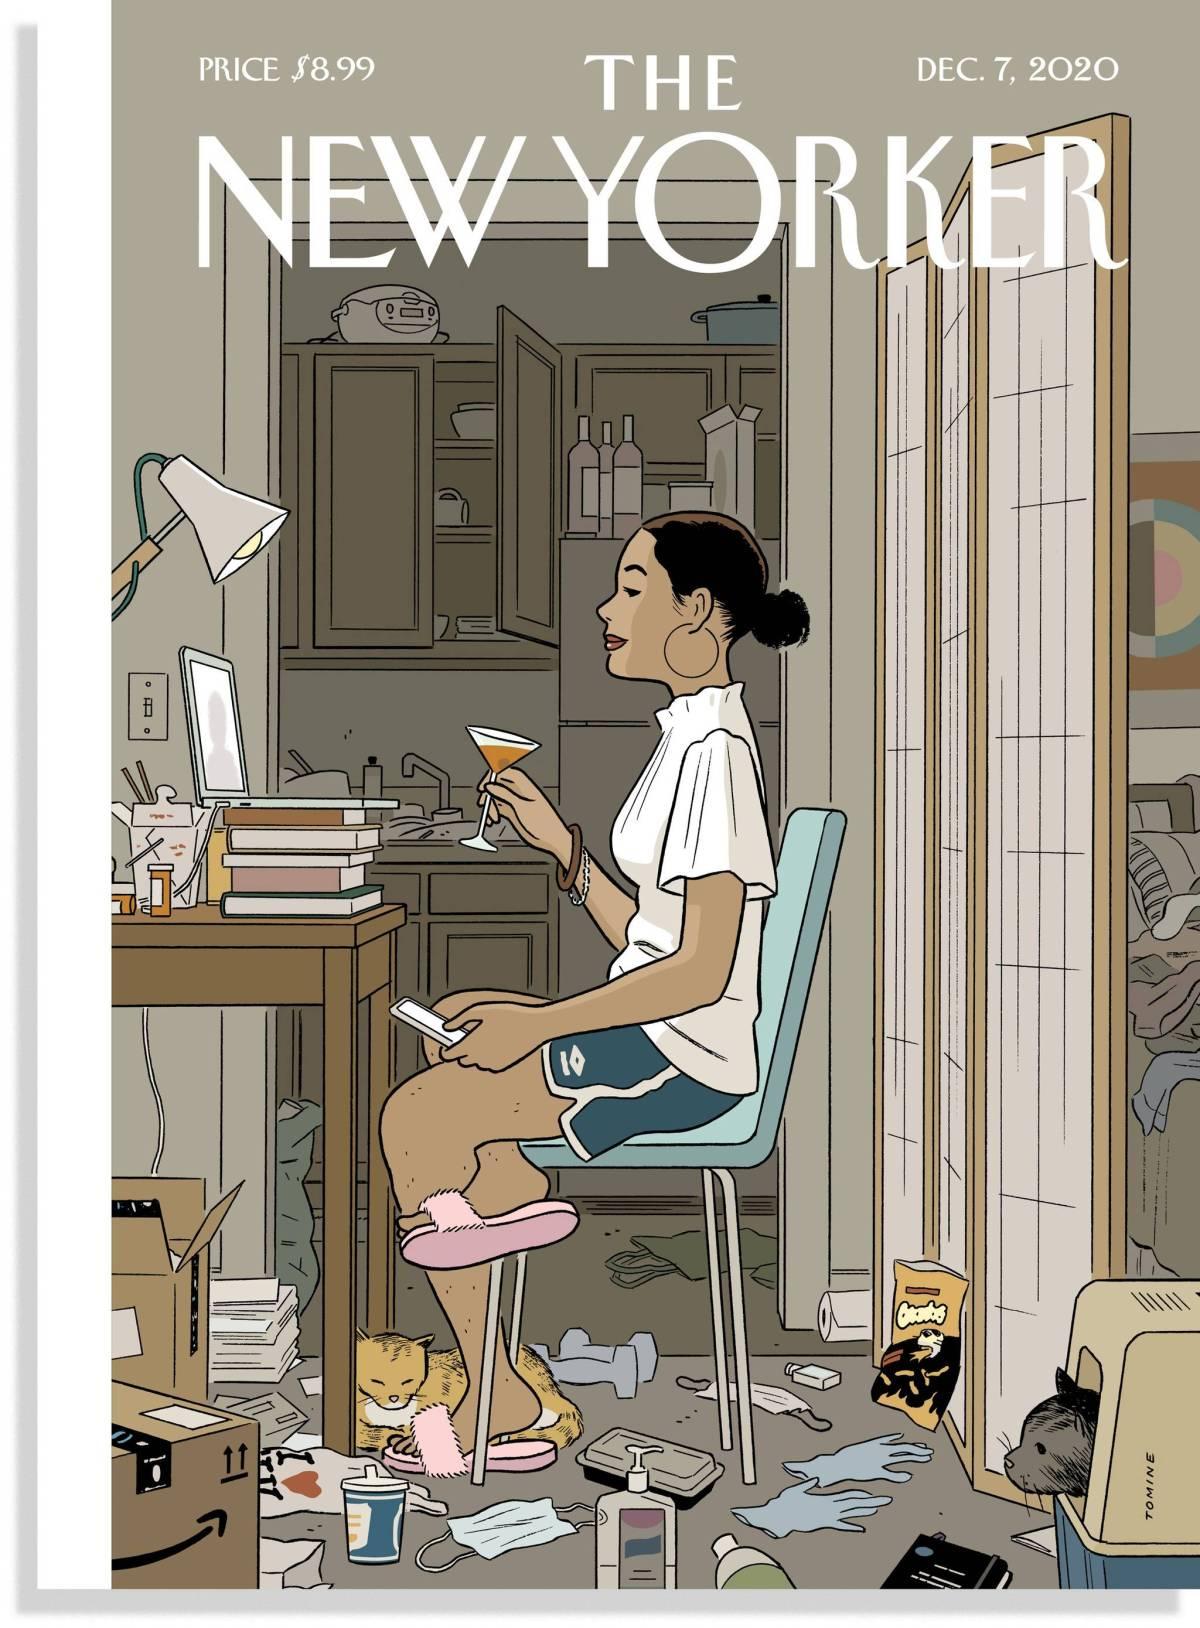 """La portada del """"New Yorker"""" ilustrada por Adrian Tomine, titulada """"Love life"""" (vida amorosa), a la que hace referencia Ana Iris Simón en la entrevista."""